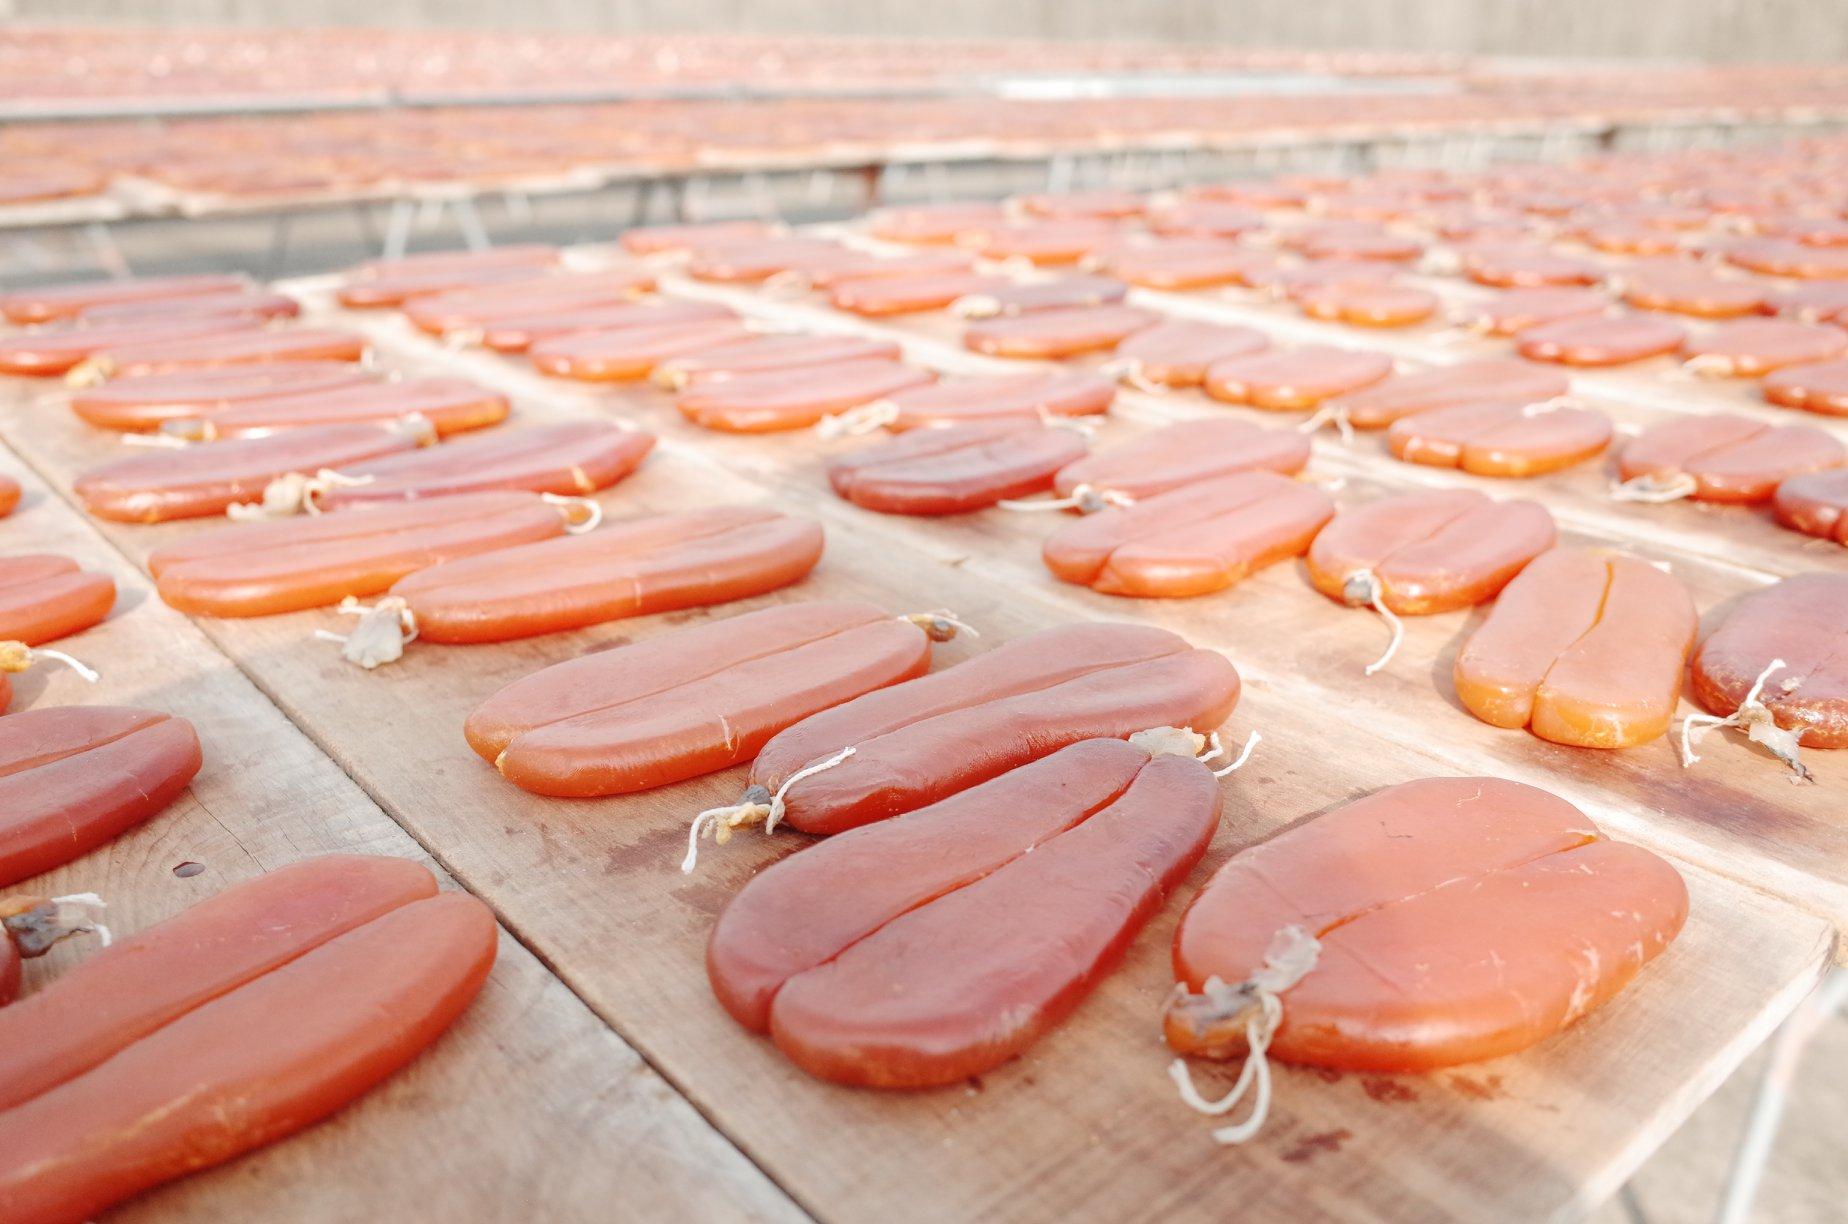 20200604135239 86 - 熱血採訪 | 隱藏在巷弄內的烏魚子肉粽今年又開始了,一年只做這一檔的鯊魚挑嘴肉粽!